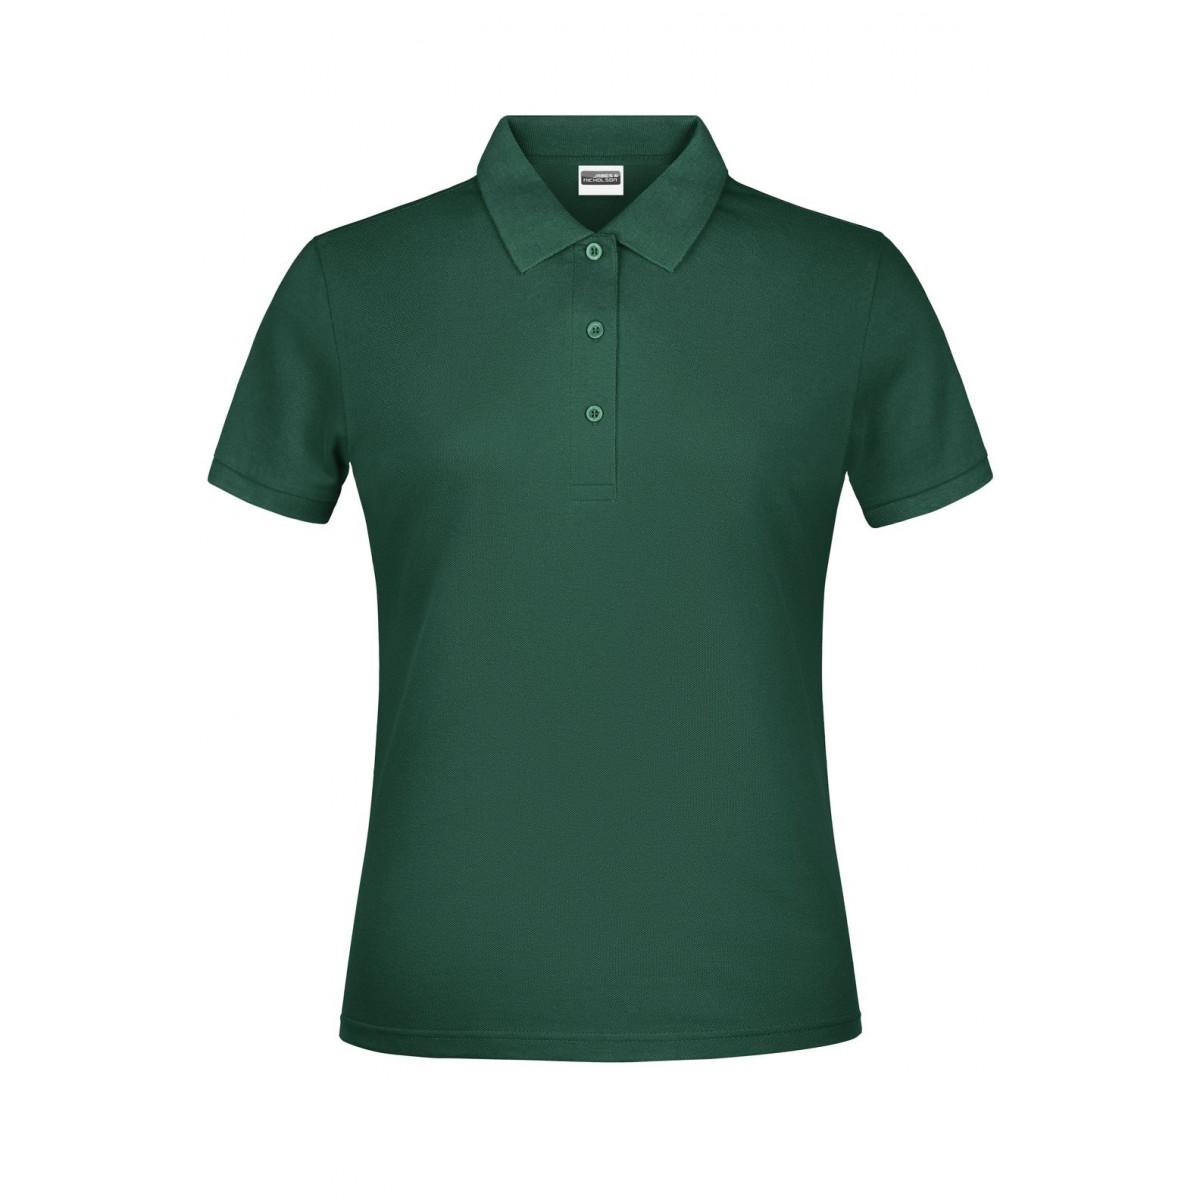 Рубашка поло женская JN791 Basic Polo Lady - Темно-зеленый